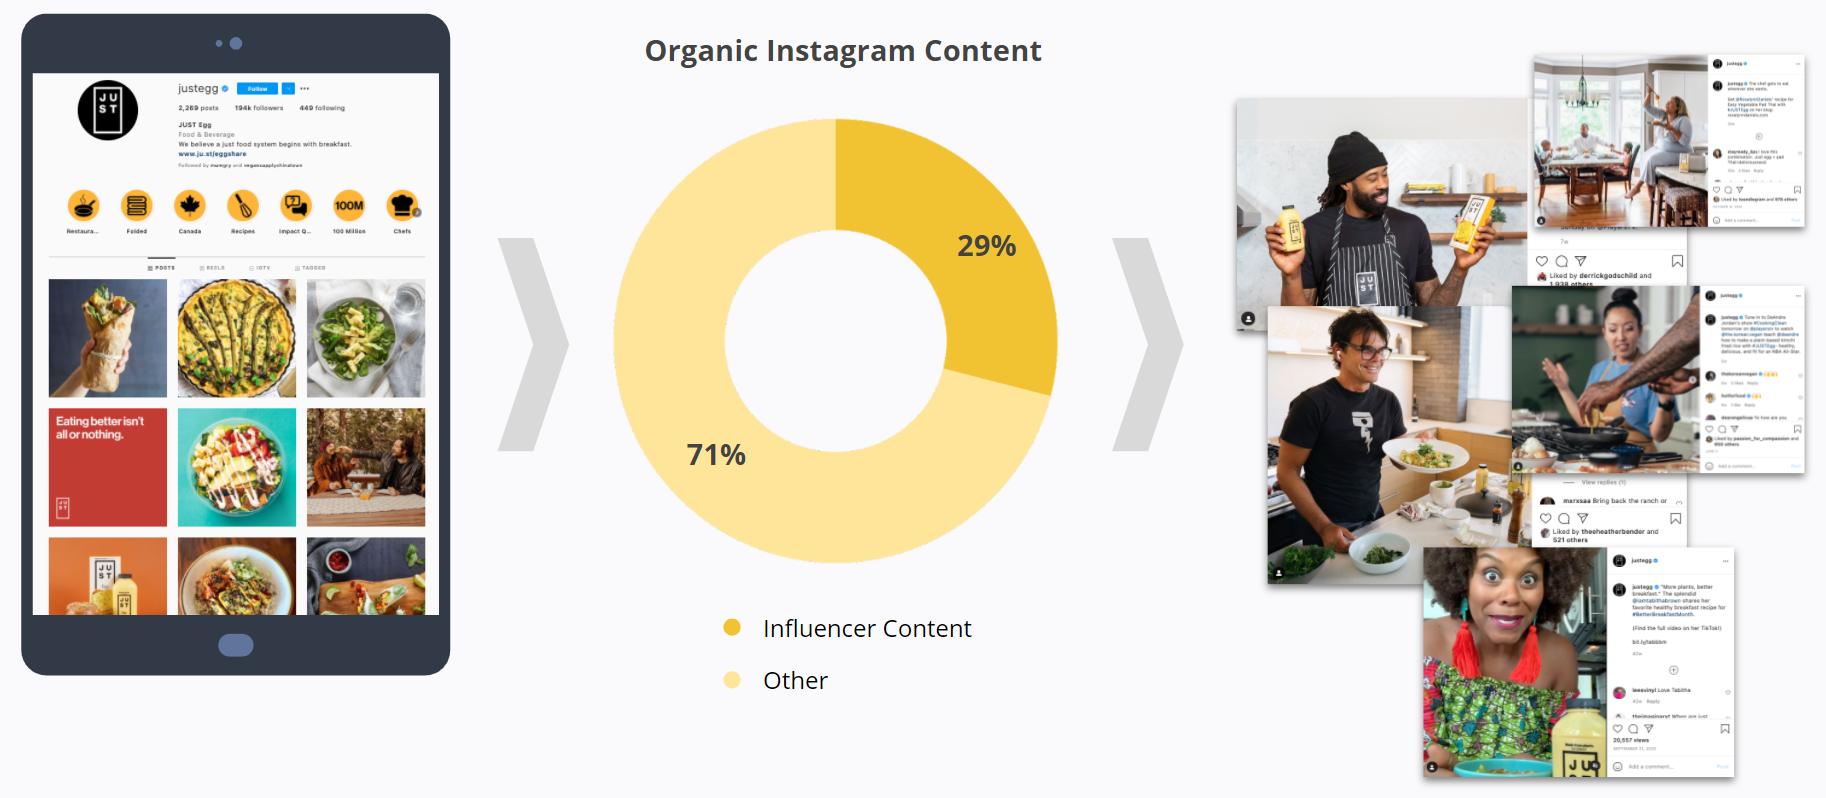 Just Egg - Organic Instagram Content